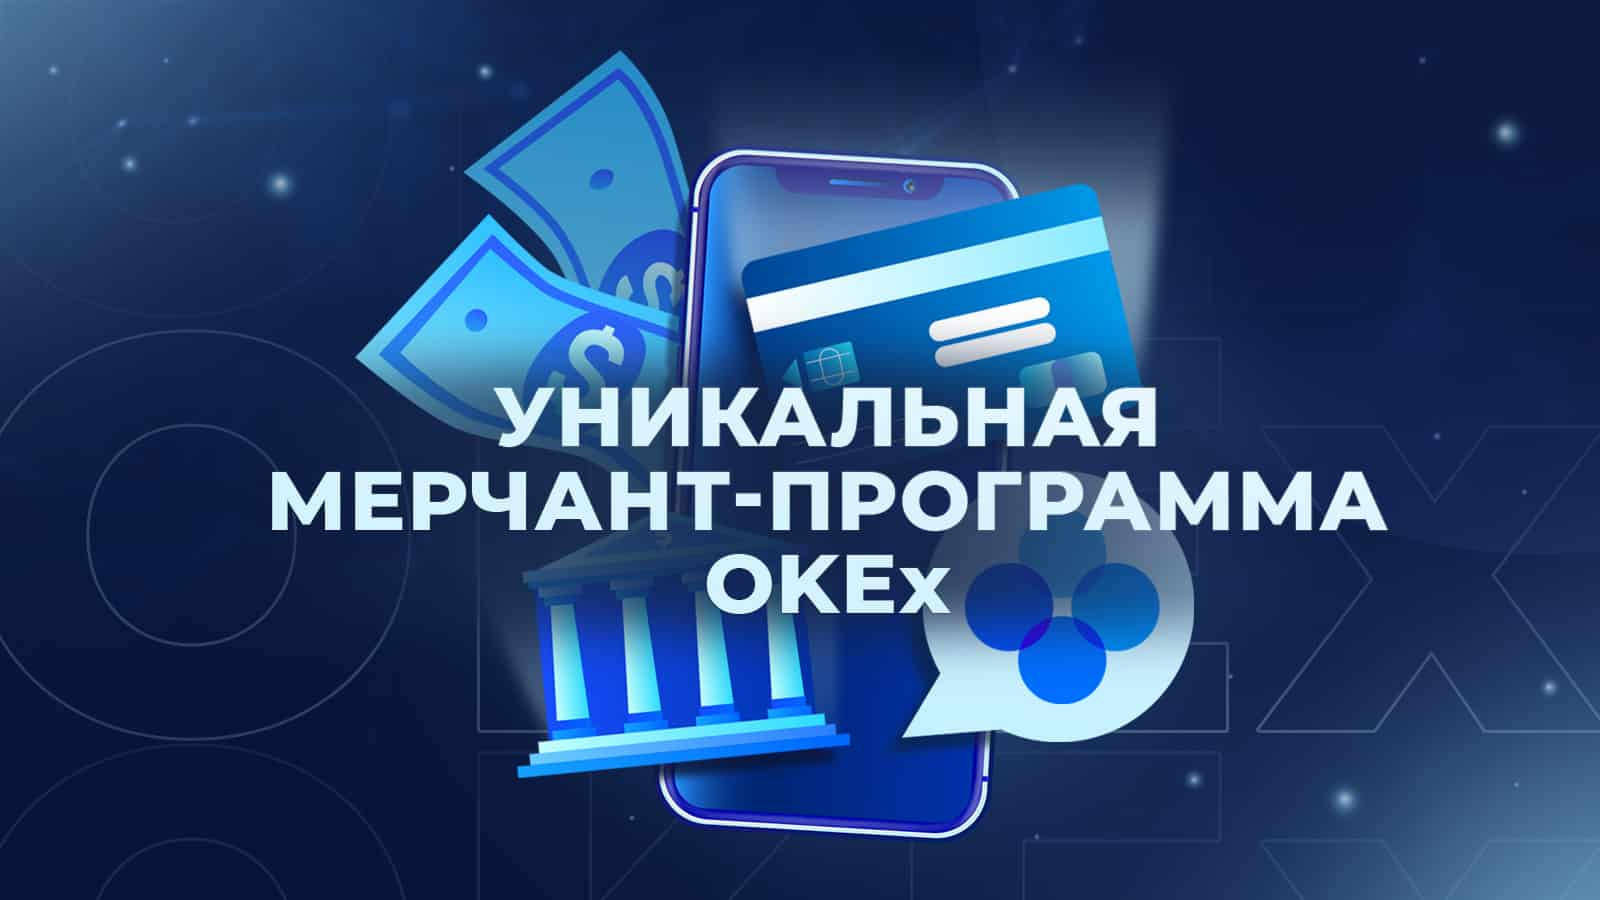 мерчант-программа от OKEx